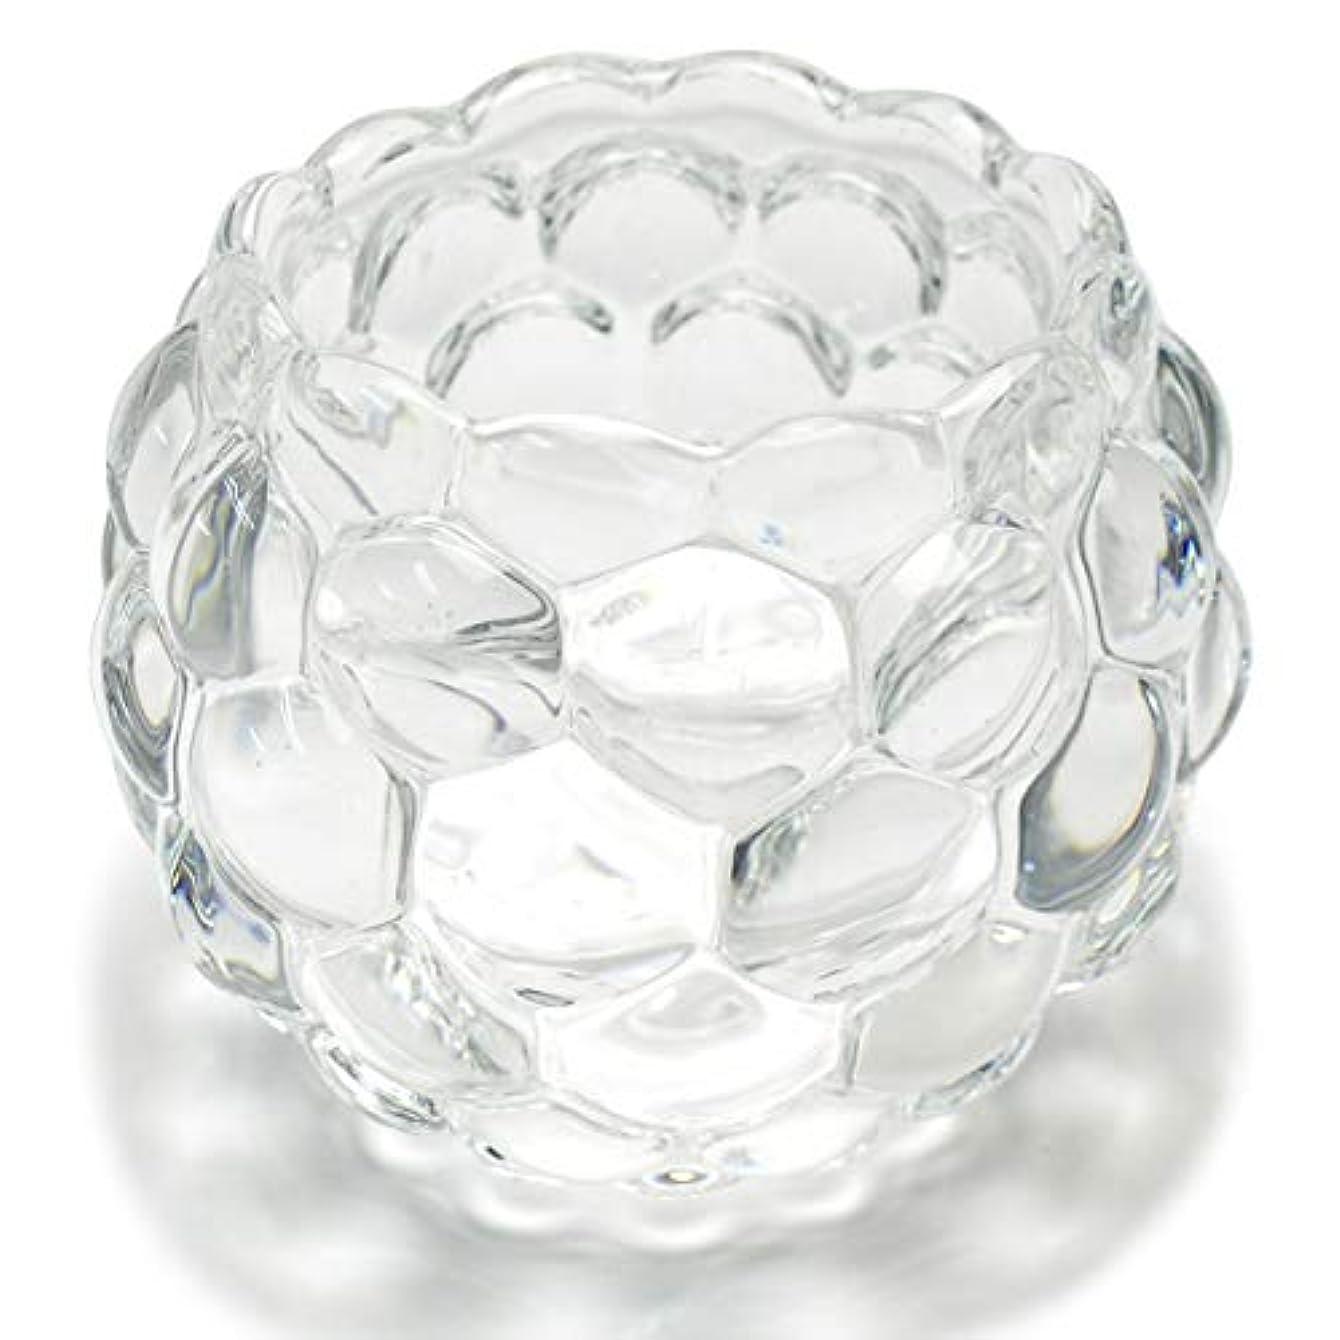 シリング革命的ストライクキャンドルホルダー ガラス 4 キャンドルスタンド クリスマス ティーキャンドル 誕生日 記念日